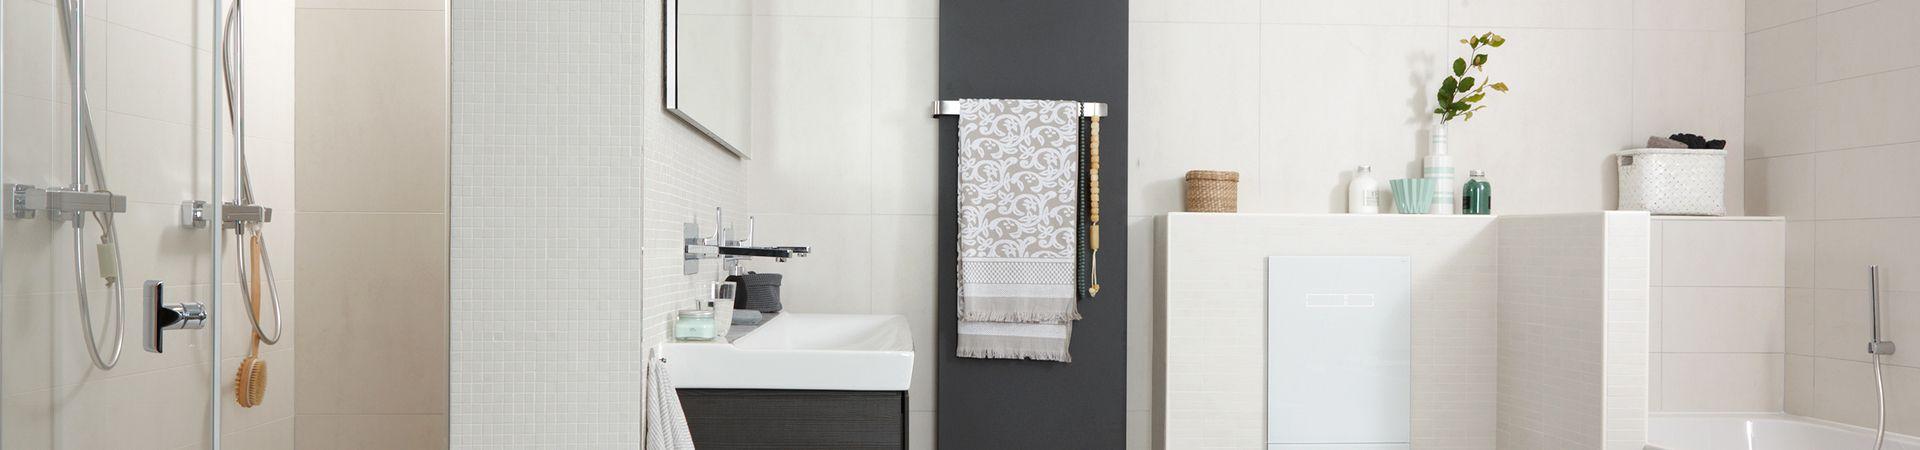 Onderhoudstips voor uw sanitair - Onderhoudstips voor uw sanitair